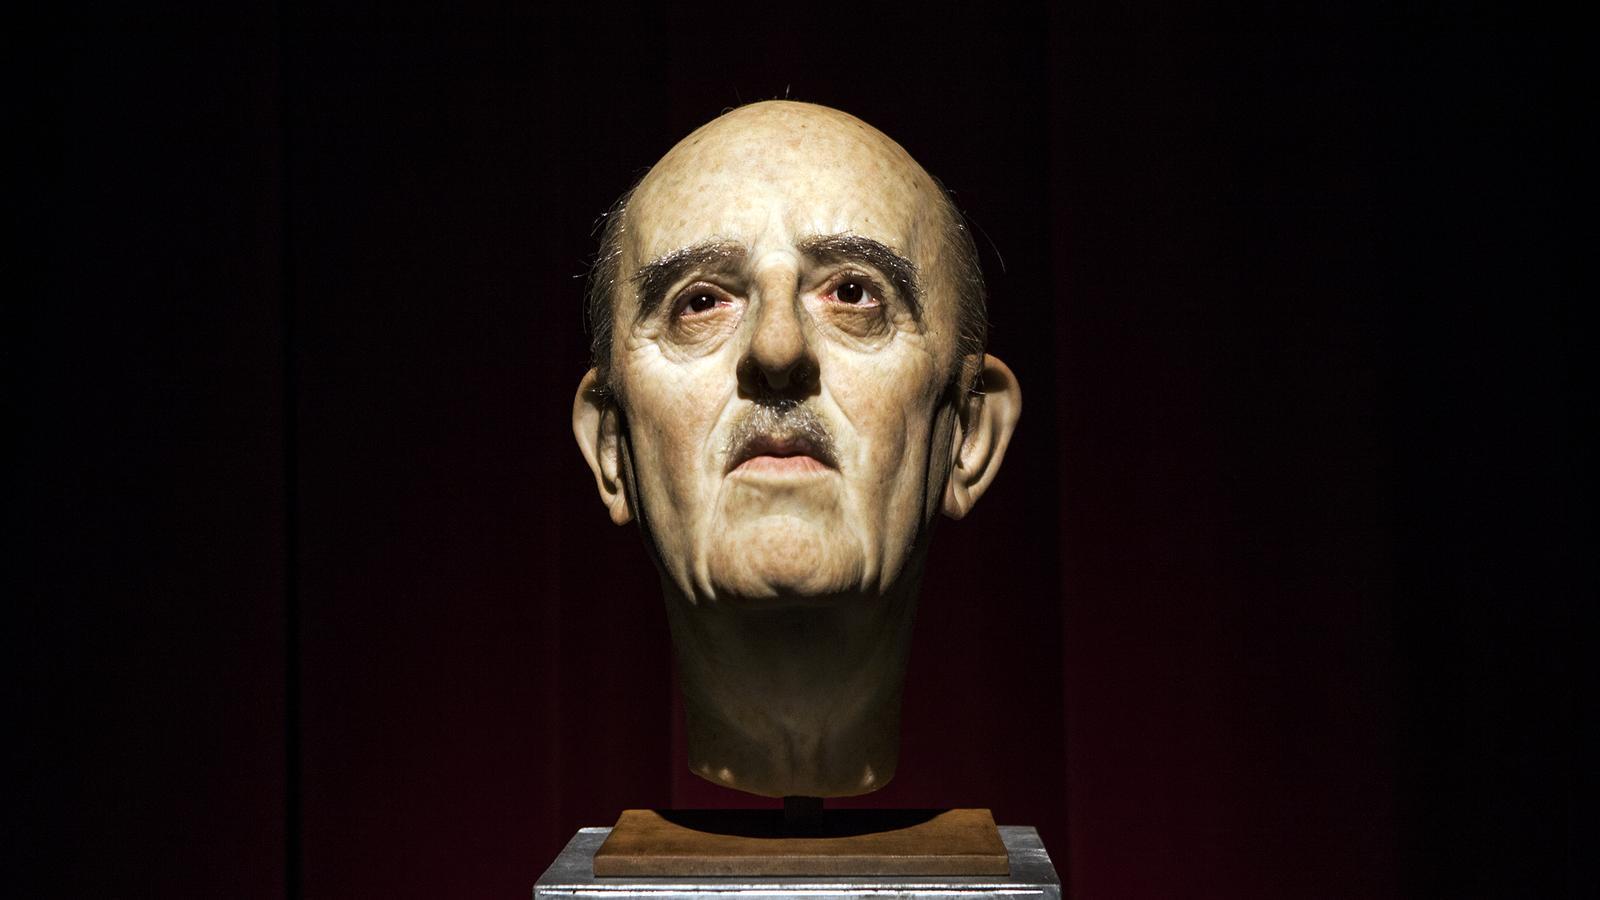 El cap de Franco de l'exposició del Born, obra d'Eugenio Merino